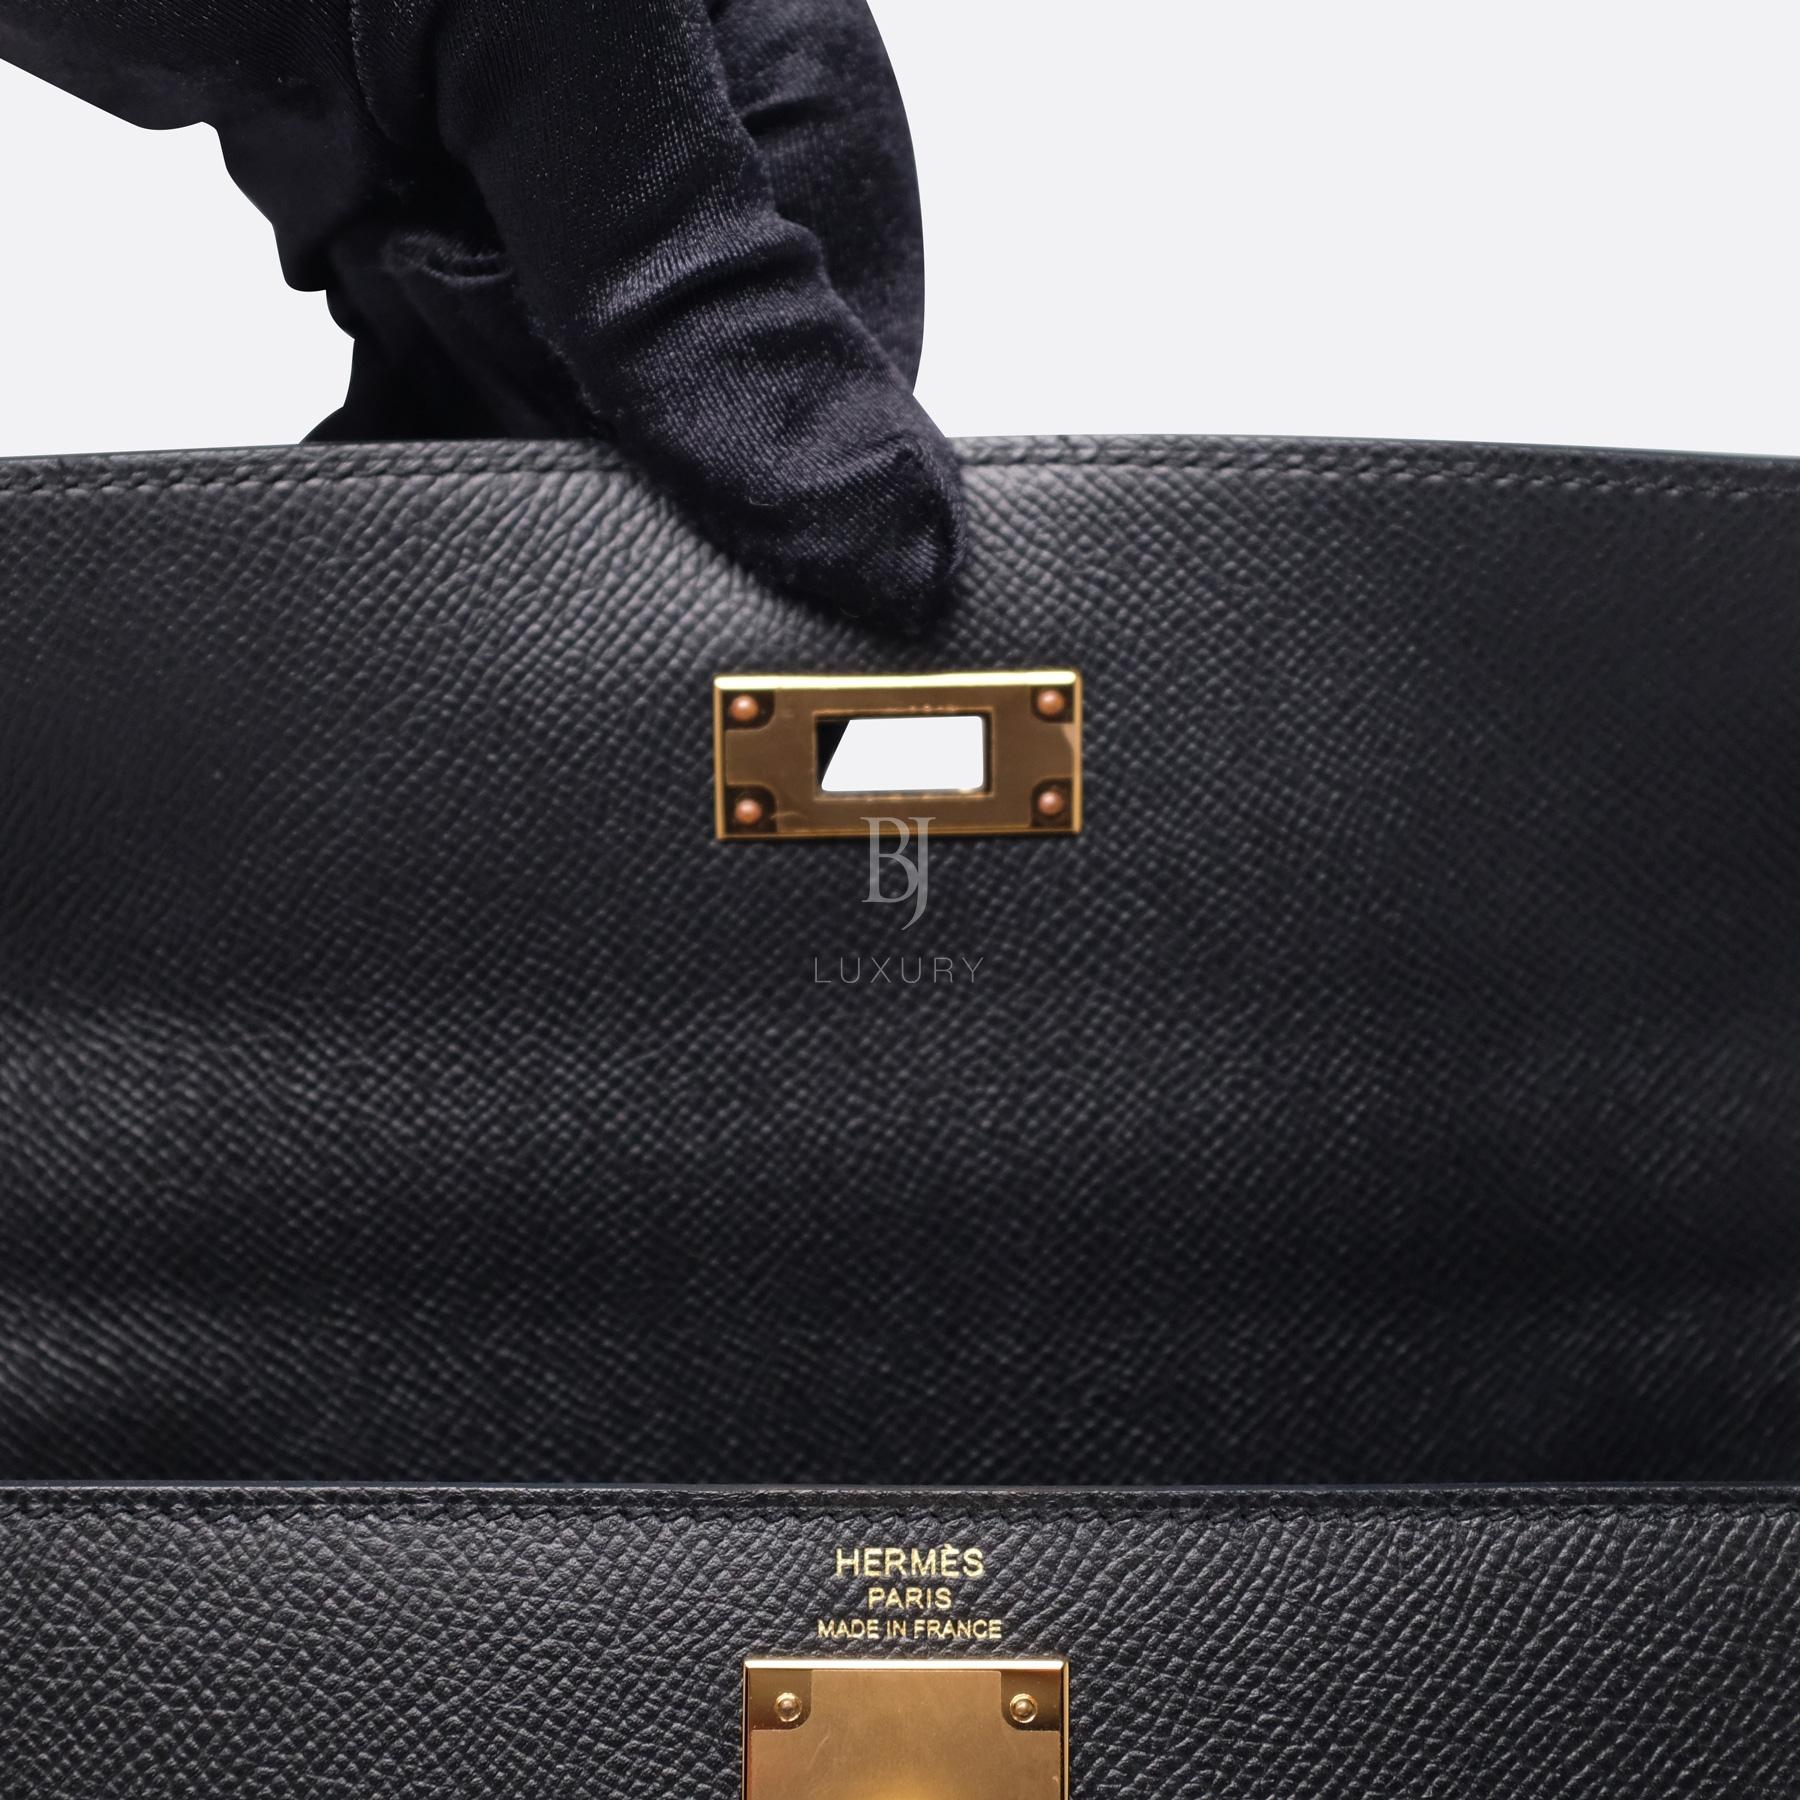 Hermes Kelly Sellier 28 Black Epsom Gold BJ Luxury 5.jpg